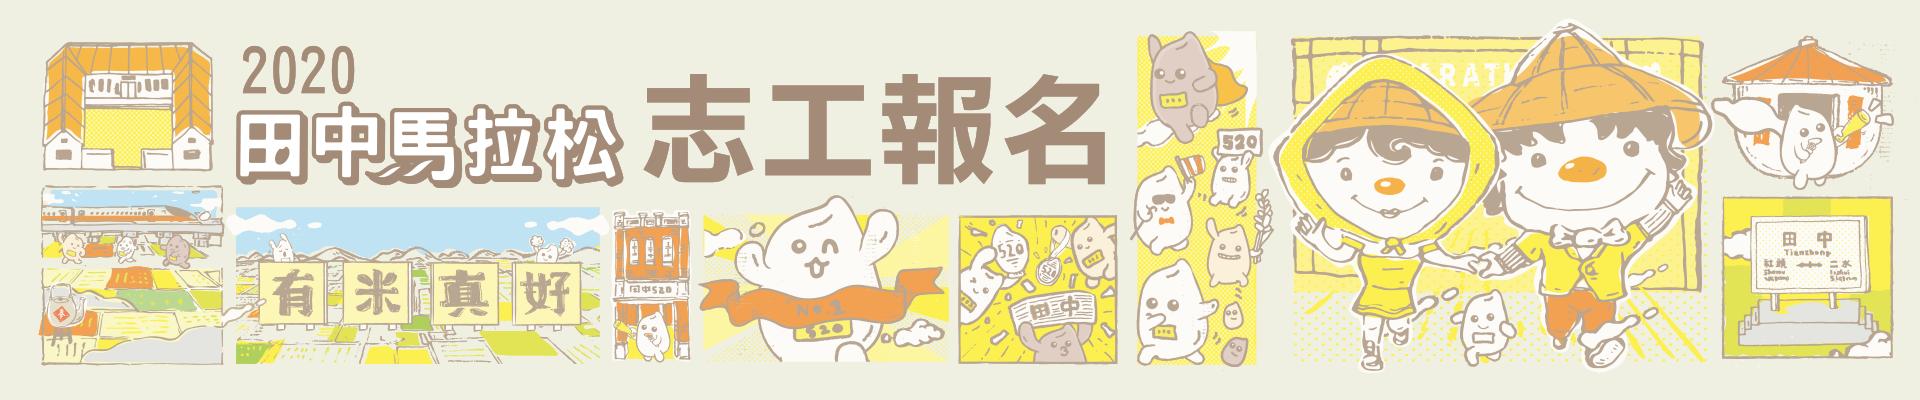 2020 田中馬志工招募-主視覺